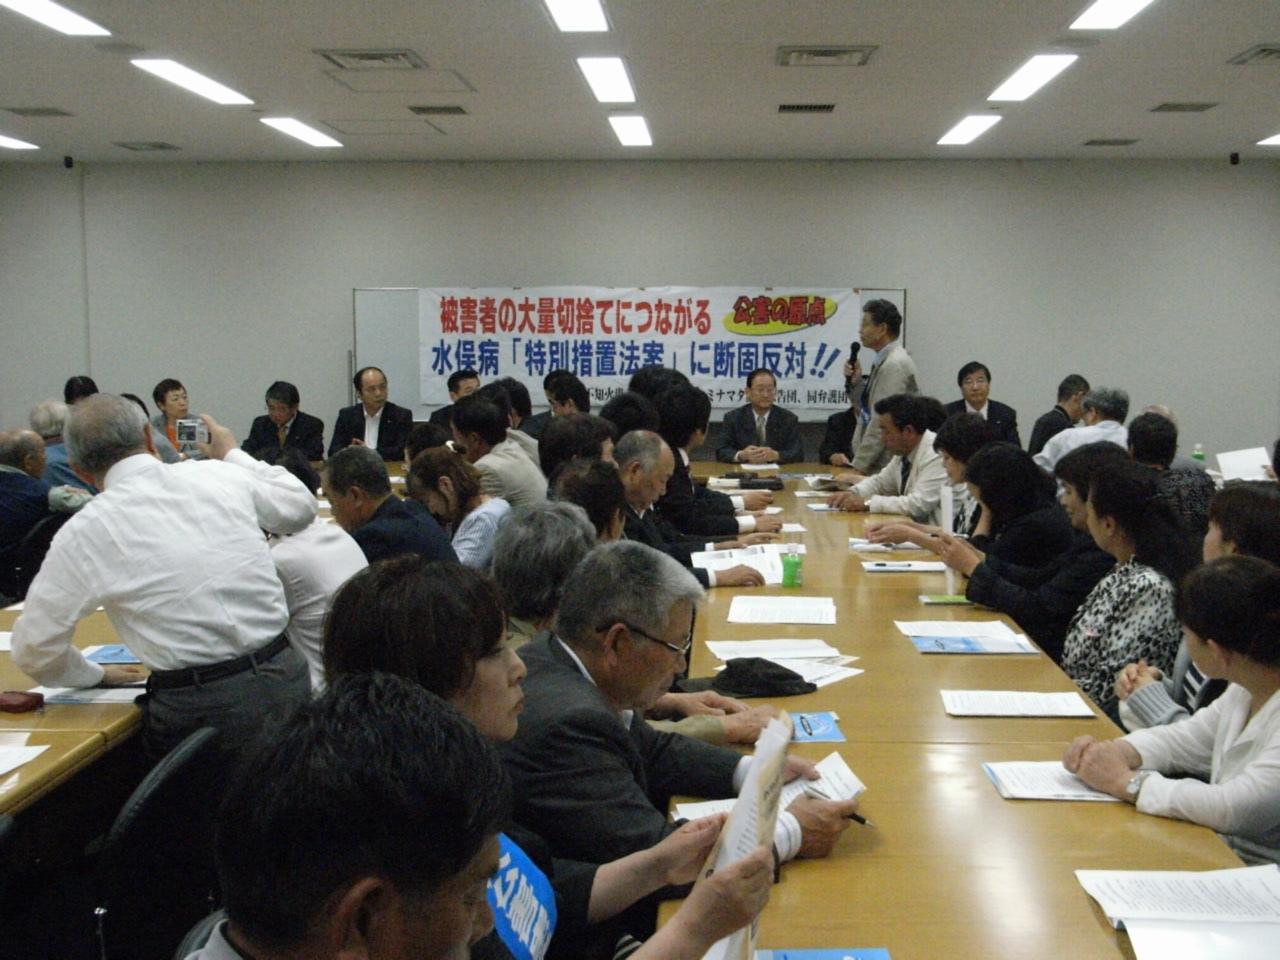 水俣病「与党法案を廃案に!」緊急国会内集会